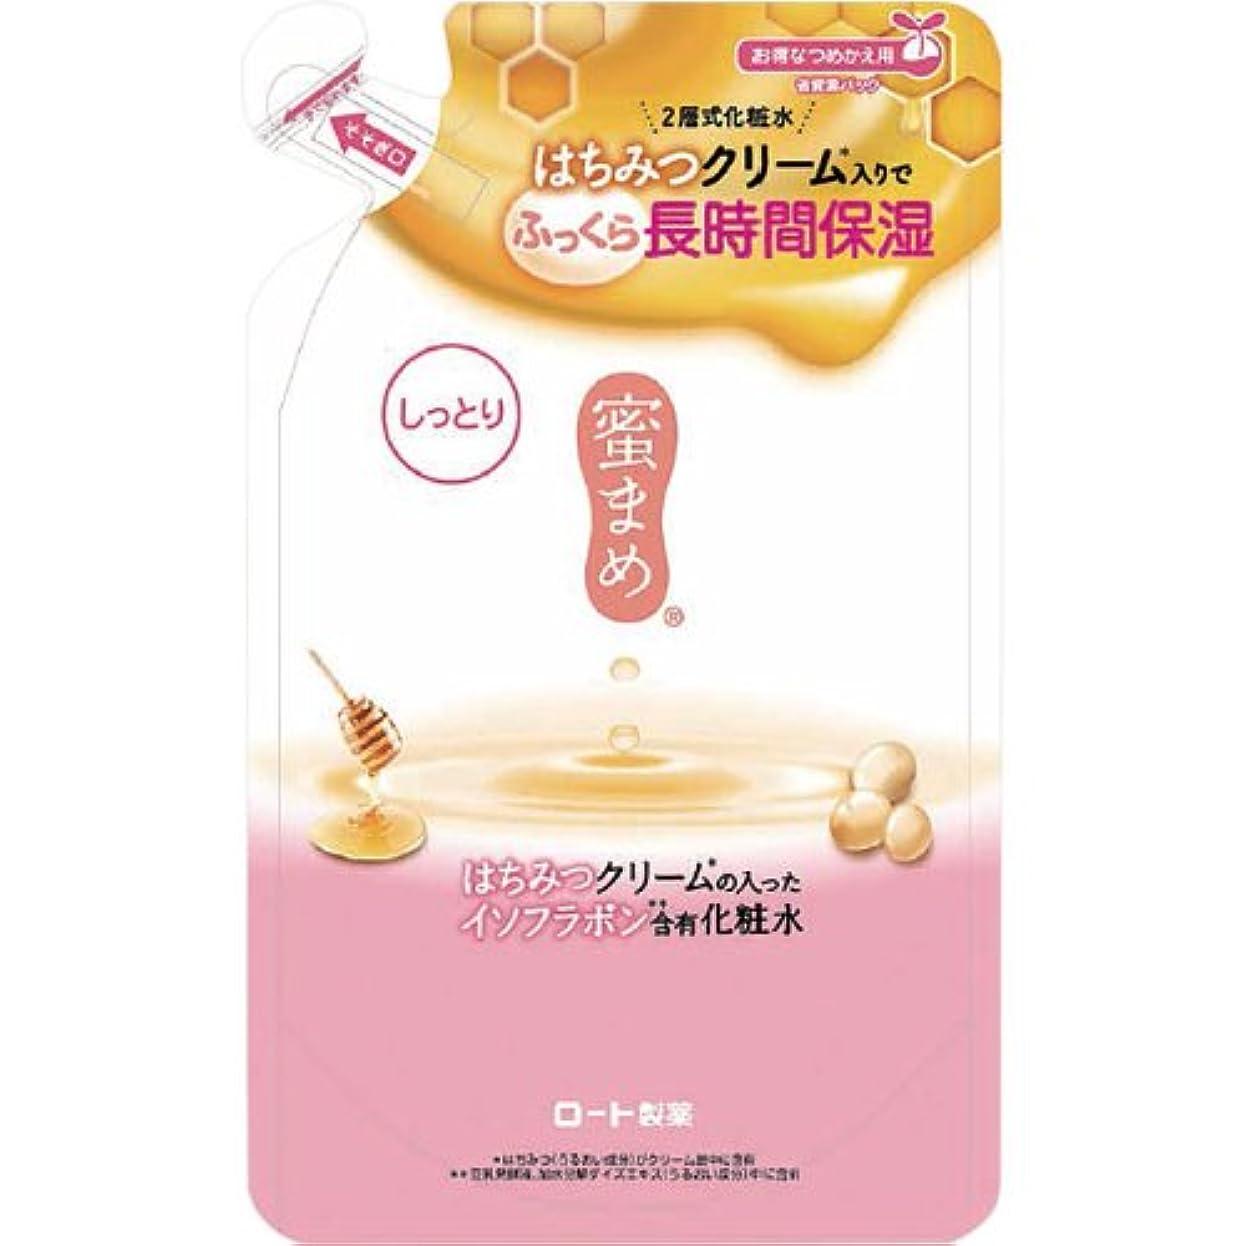 外交問題退却クマノミ蜜まめ 合わせ化粧水 (しっとり) (つめかえ用) 180mL